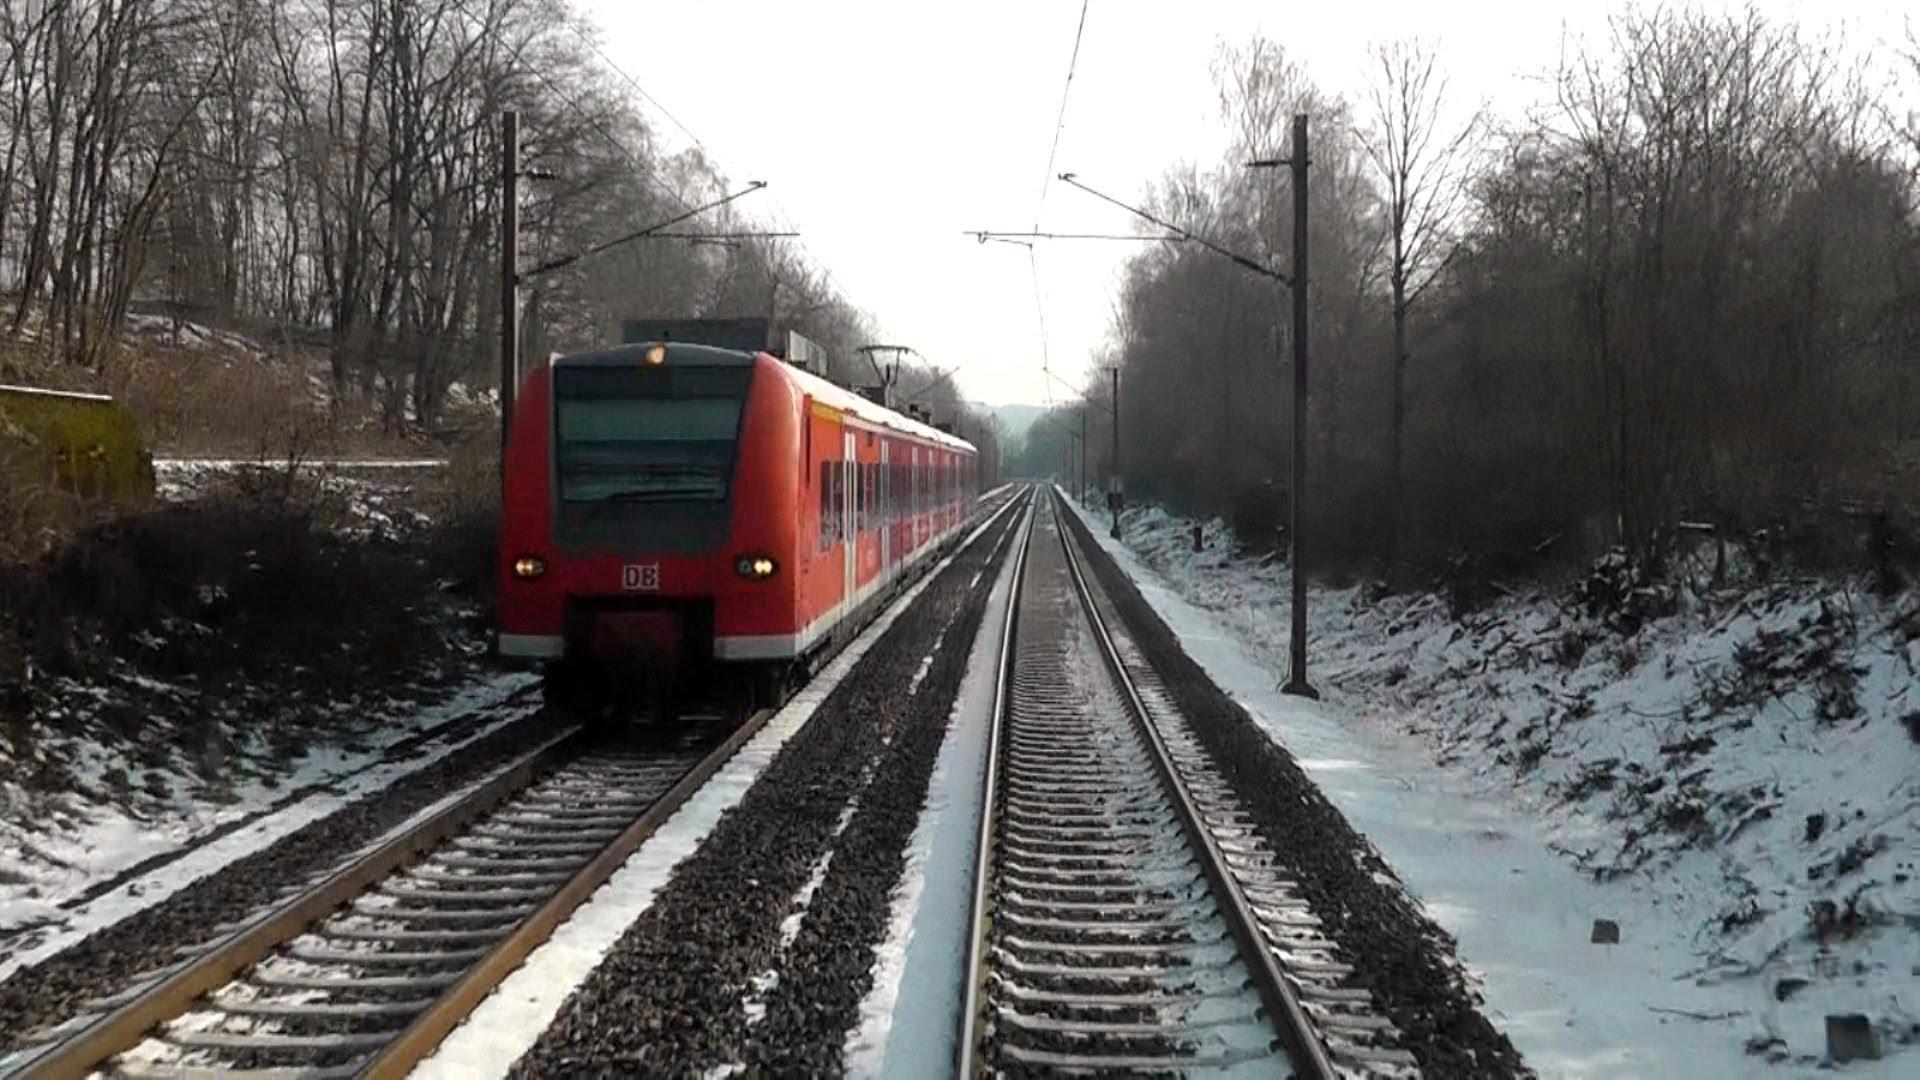 DB Bahn – Nr. 16 – Führerstandmitfahrt – Von Saarbrücken Hbf nach Mainz Hbf – BR 612 – März 2013